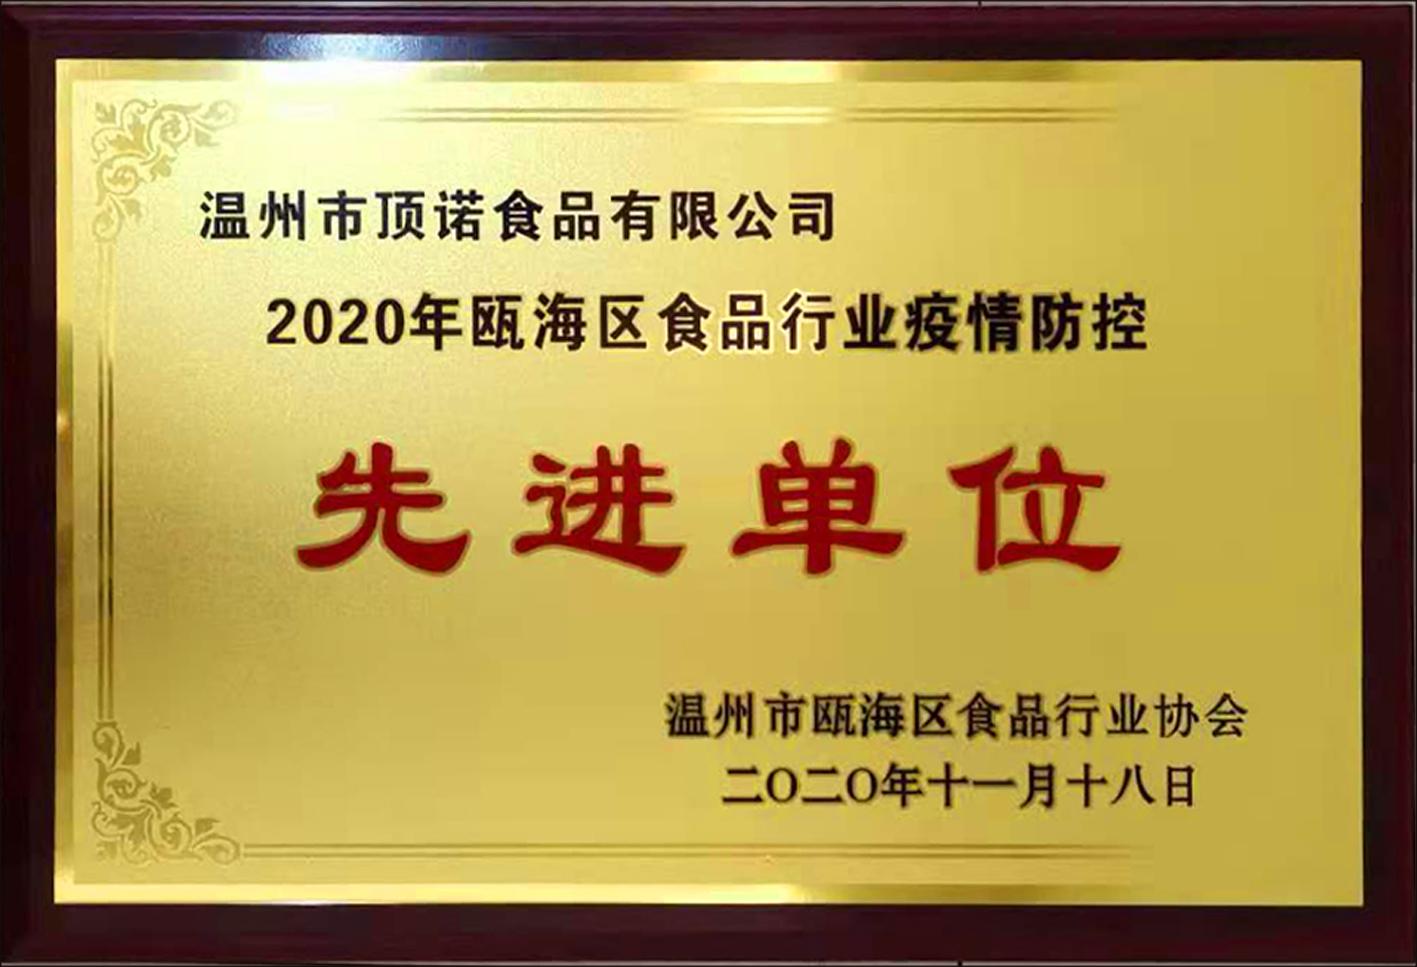 2020年甌海區食品行業疫情防控先進單位